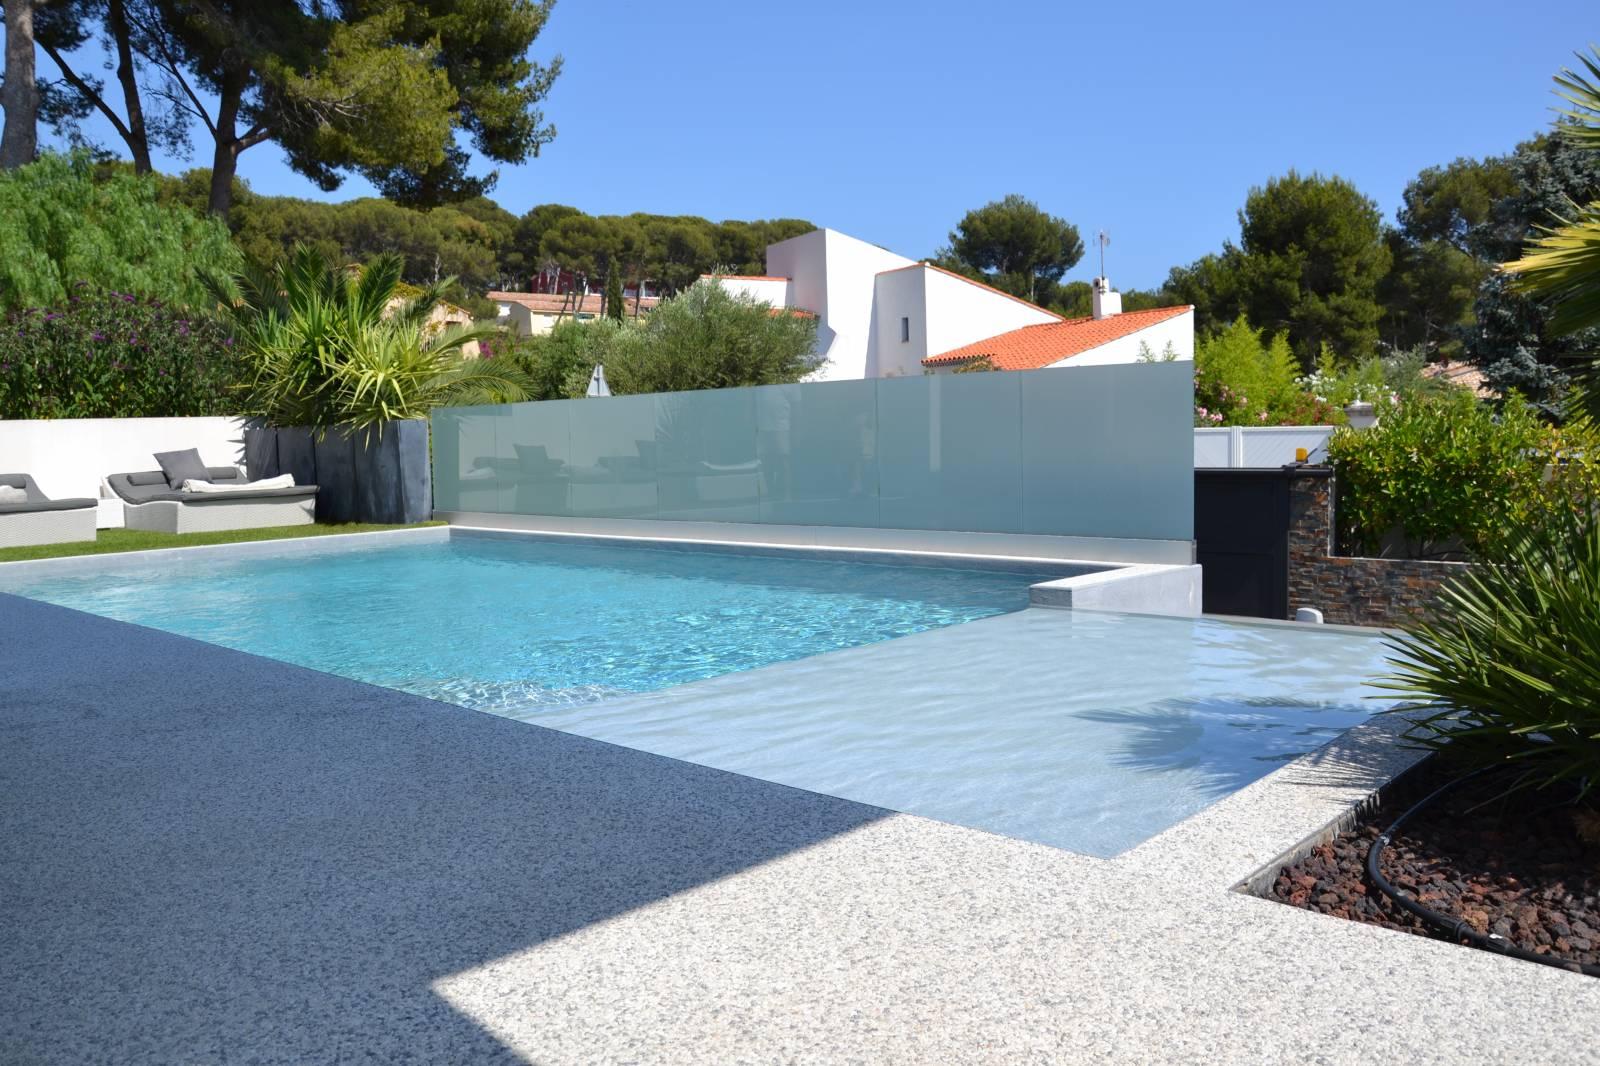 Vente de maison d 39 architecte sanary sur mer portissol for Camping sanary sur mer avec piscine